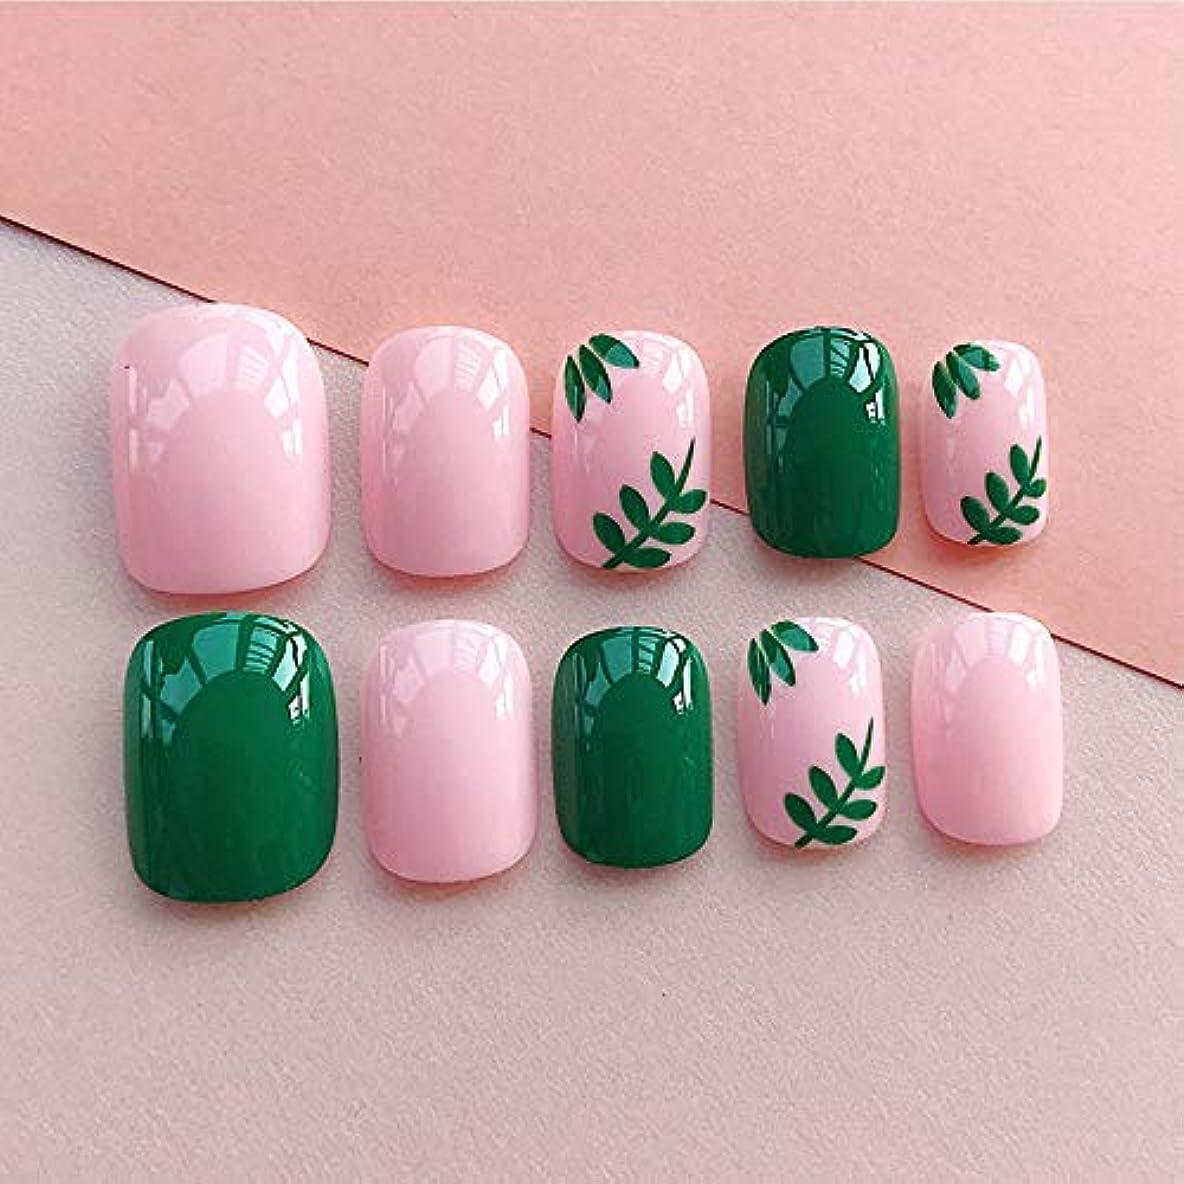 練習したシーフード北へLIARTY ネイルチップ 夏の ピンク 緑の葉 優雅 短い 四角形 フルカバー 24枚 12別サイズ つ